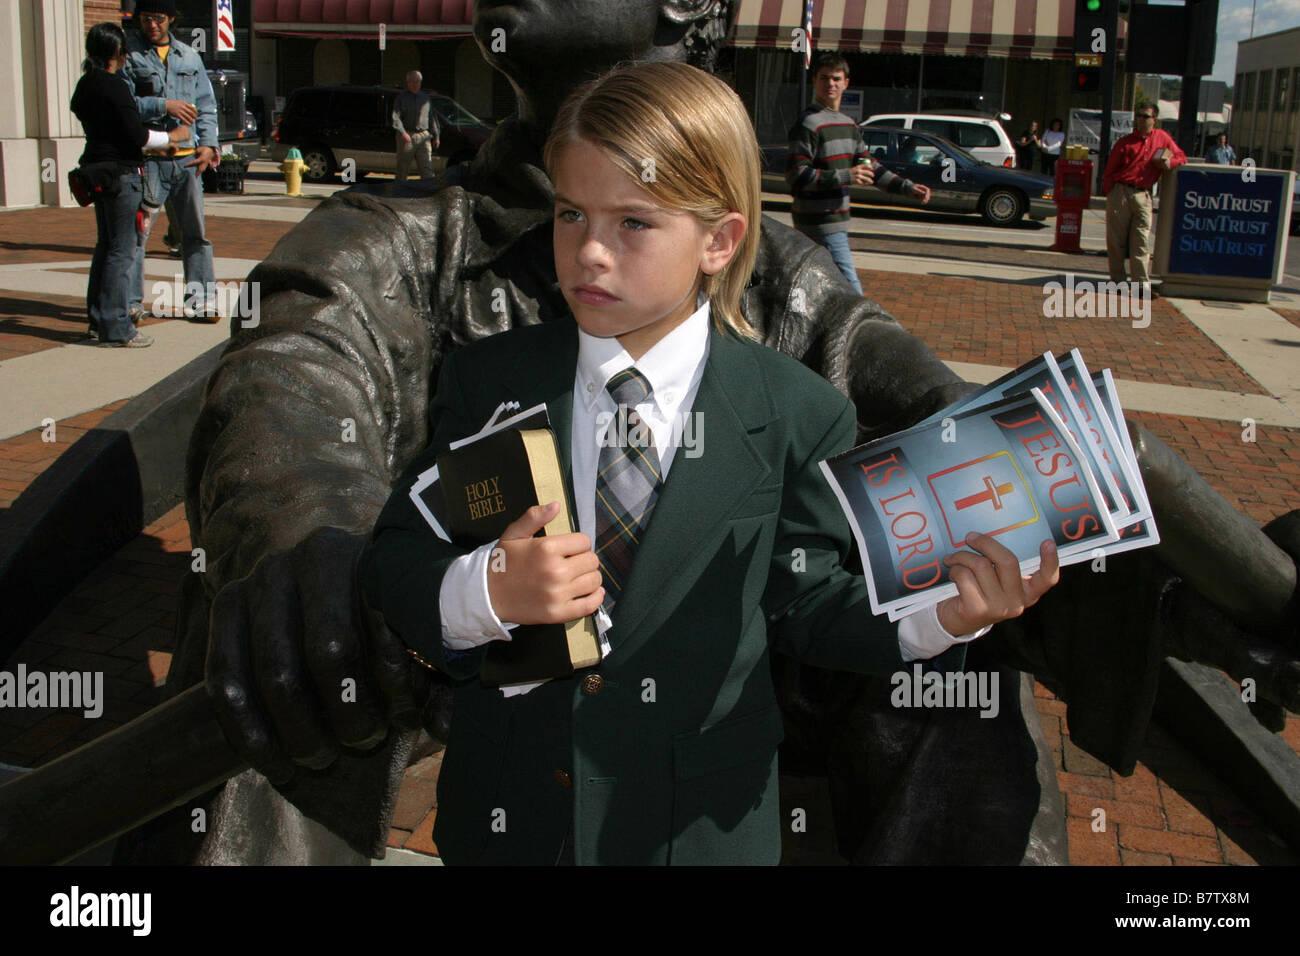 LE LIVRE DE JEREMIE The Heart Is Deceitful Above All Things  2004 - uk usa Cole ou Dylan Sprouse pour le role de - Stock Image